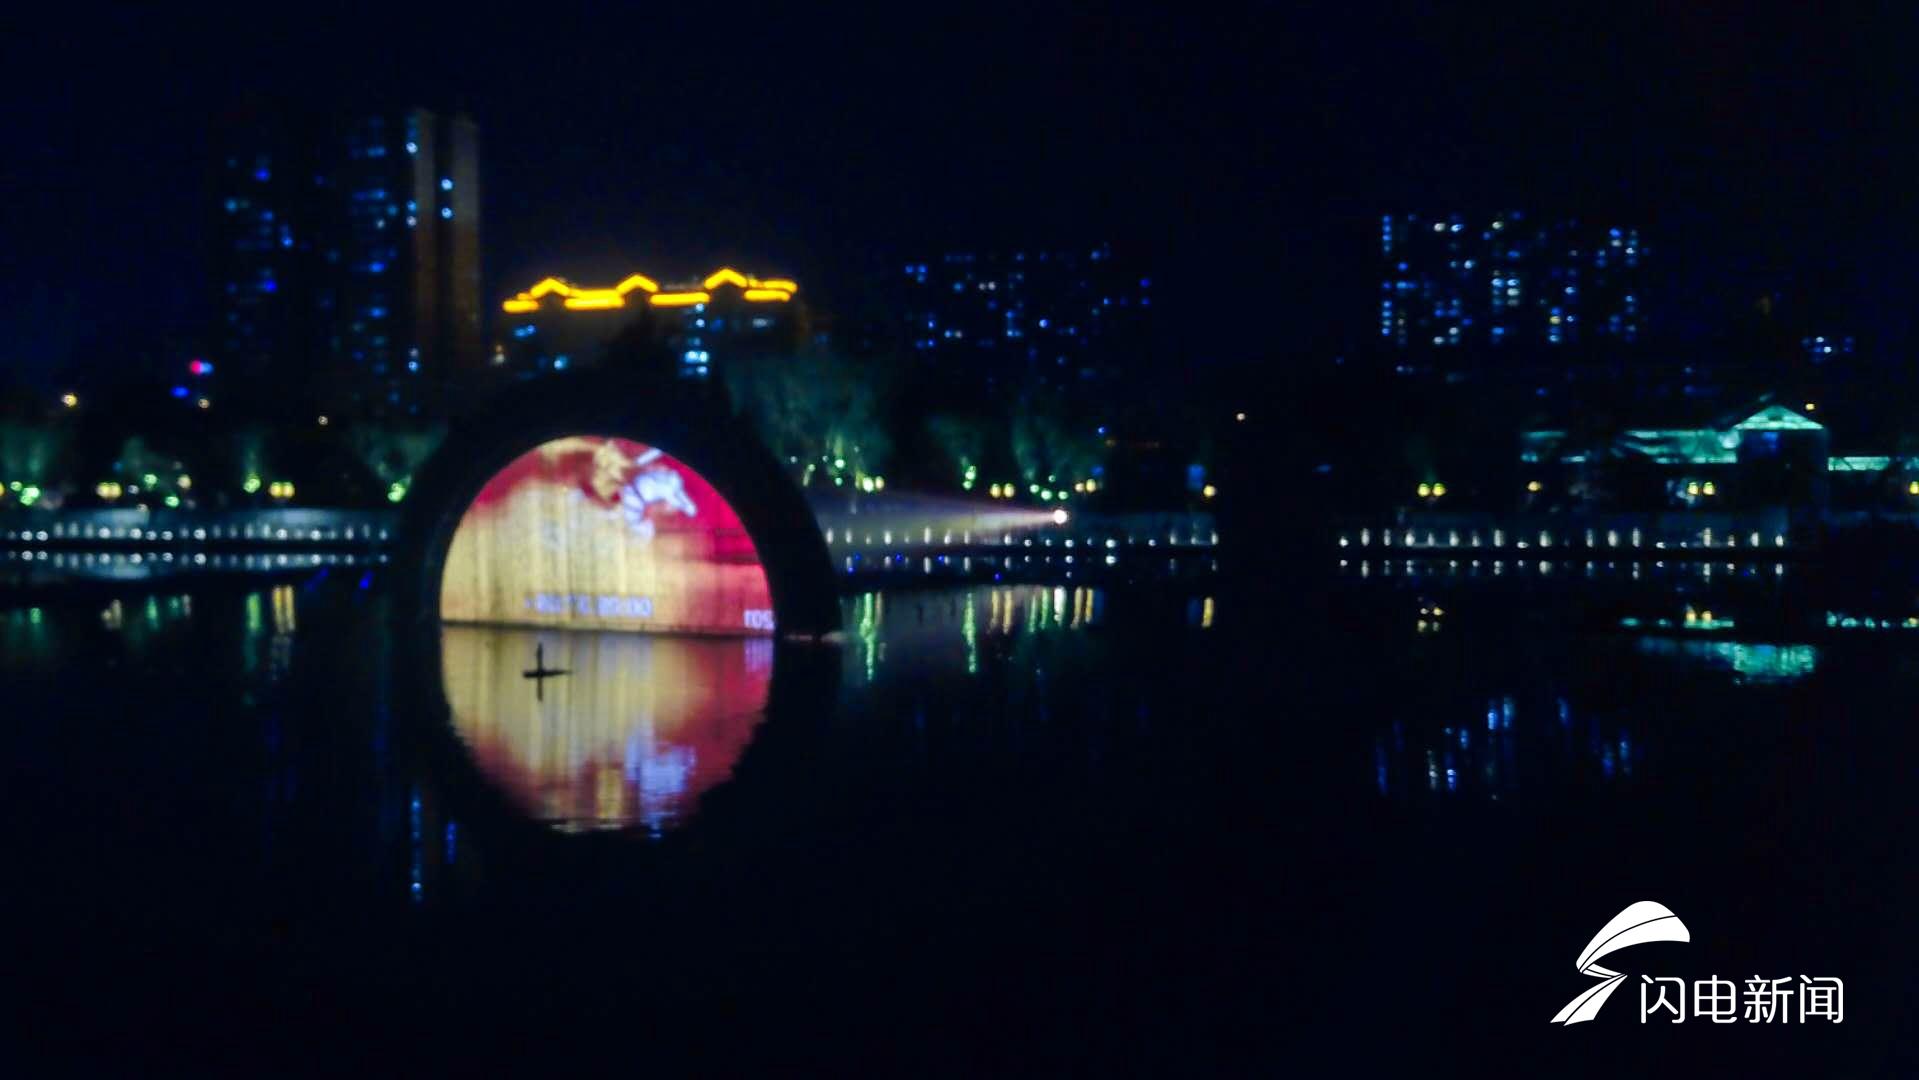 """其中,""""一湖一环""""项目是以大明湖、环城公园为核心,在两岸及周边通过绚丽多彩的灯光勾勒出小桥、泉水、古建筑等轮廓,力求展现泉城独特的历史韵味和文化特色。"""